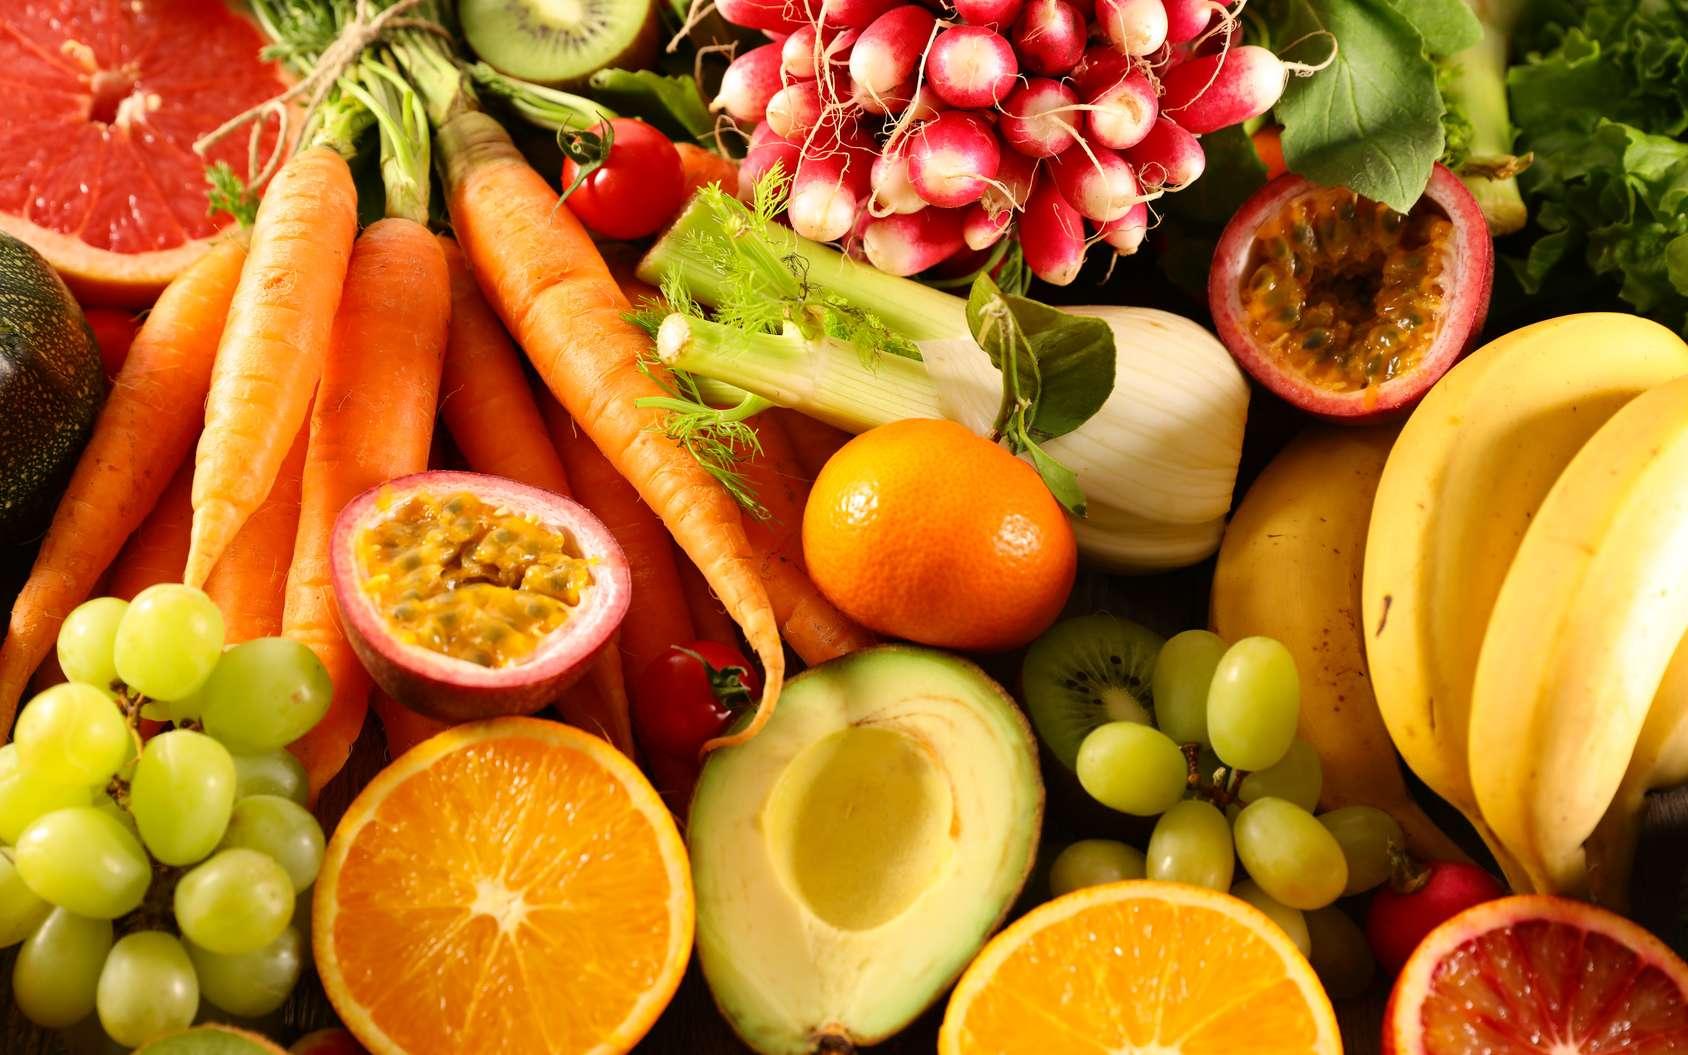 L'orange, le raisin et la carotte font partie des aliments aux propriétés anti-cancer. © M.studio, Fotolia